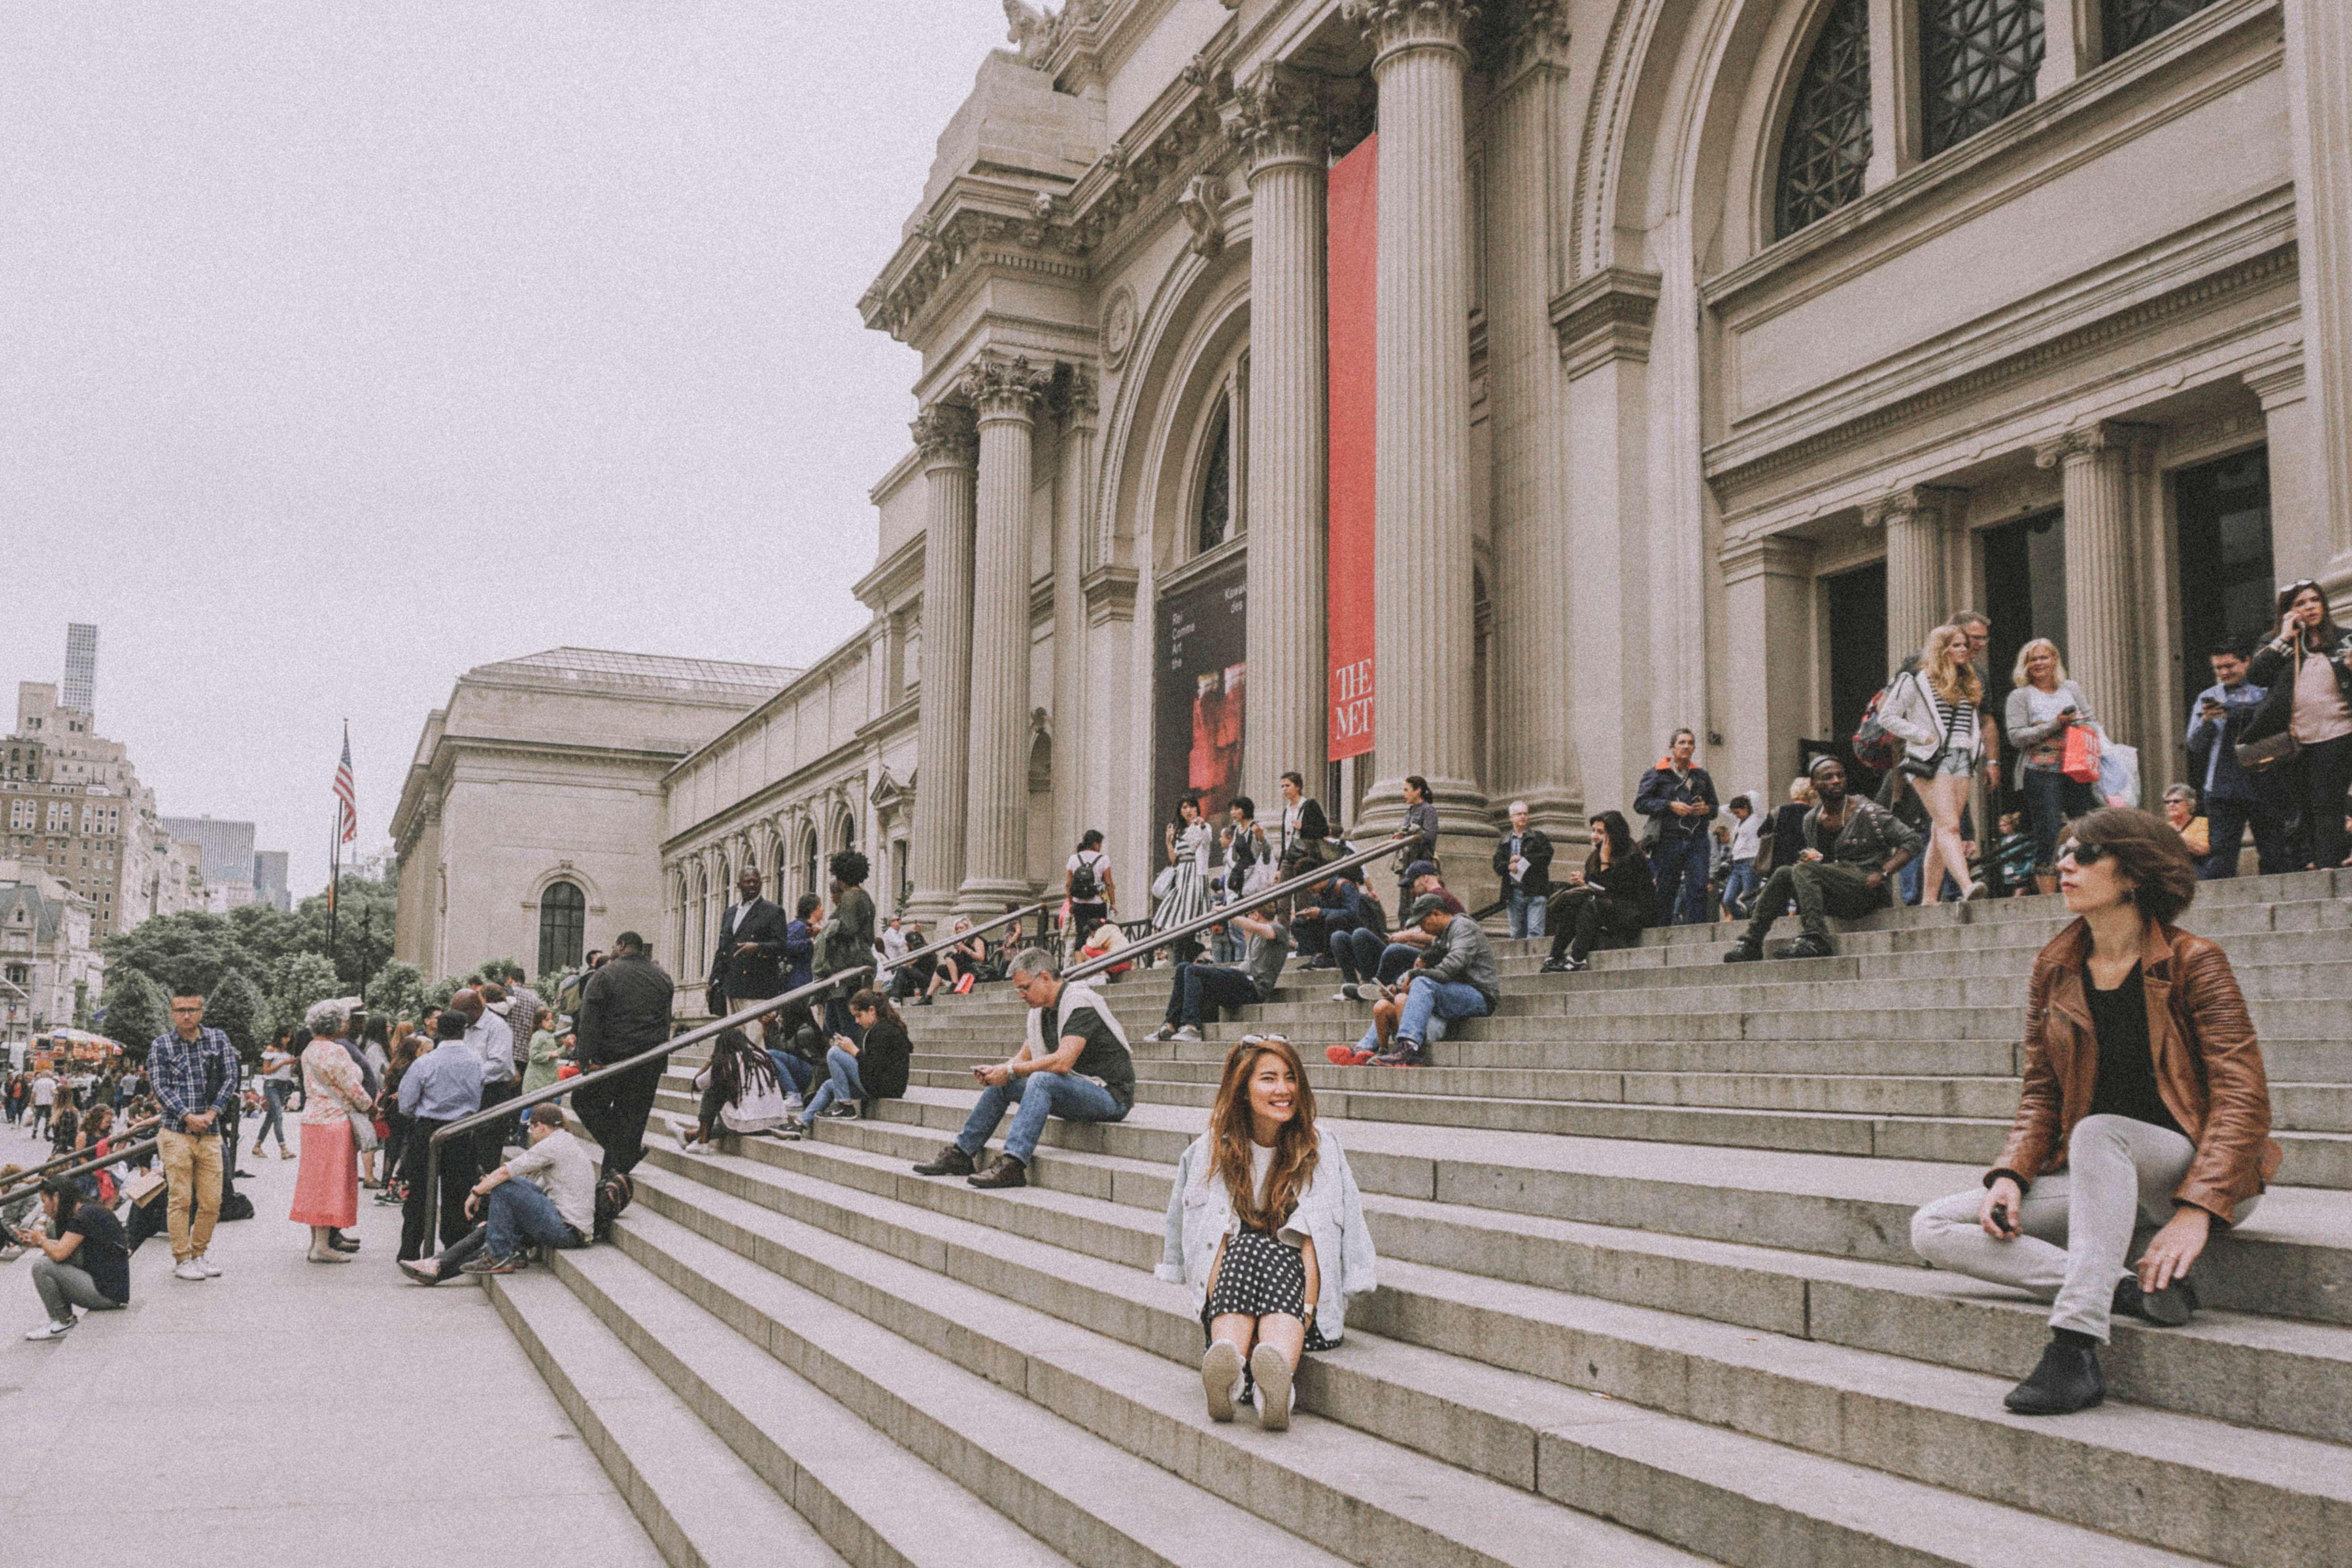 The Met Steps